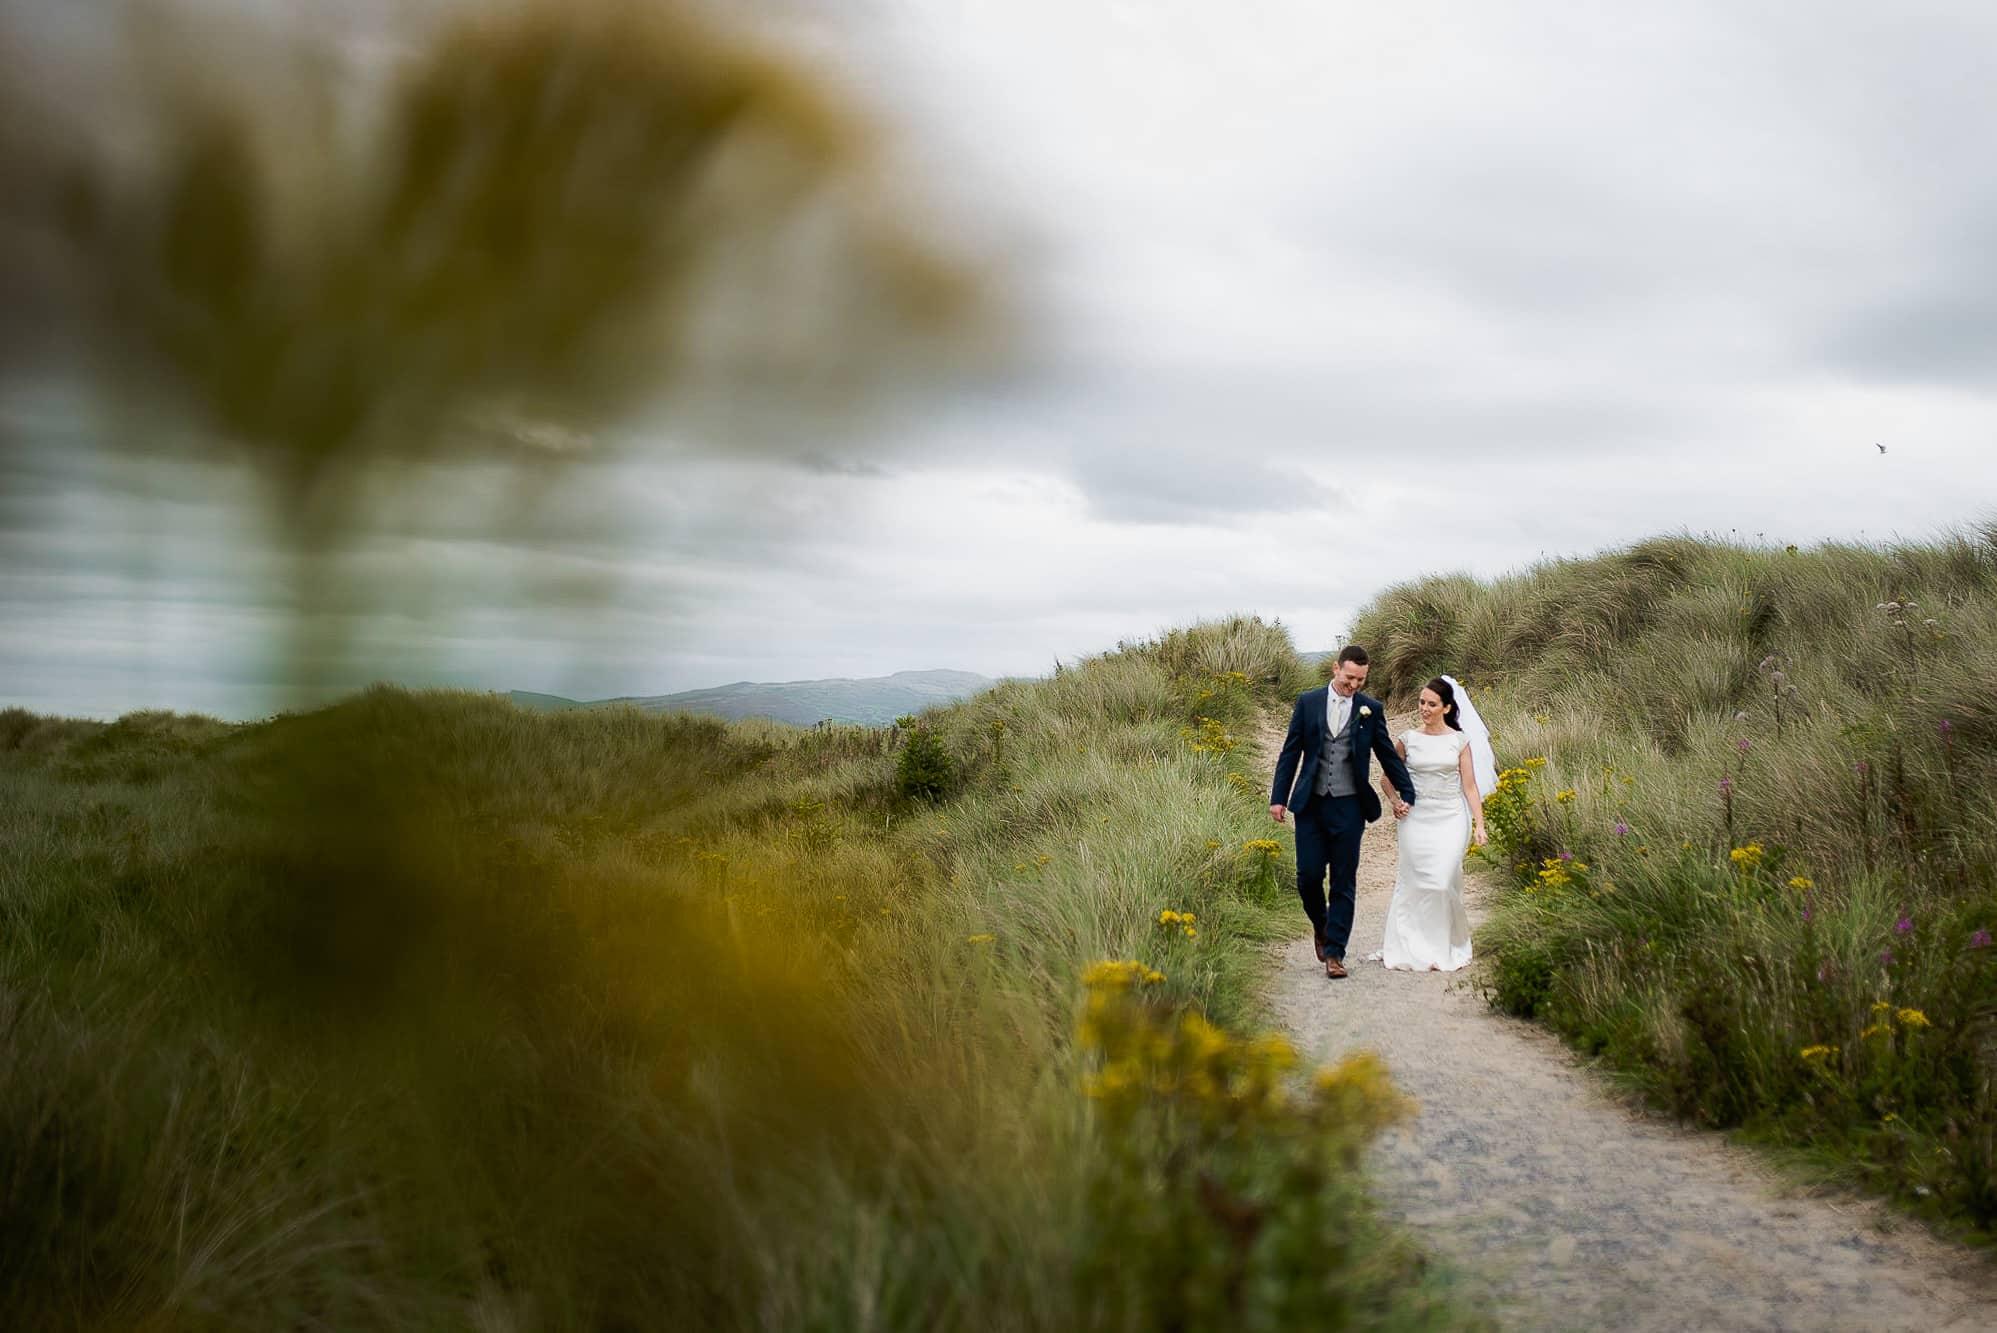 couple walking on a path on their wedding day in Ynyslas, Aberystwyth